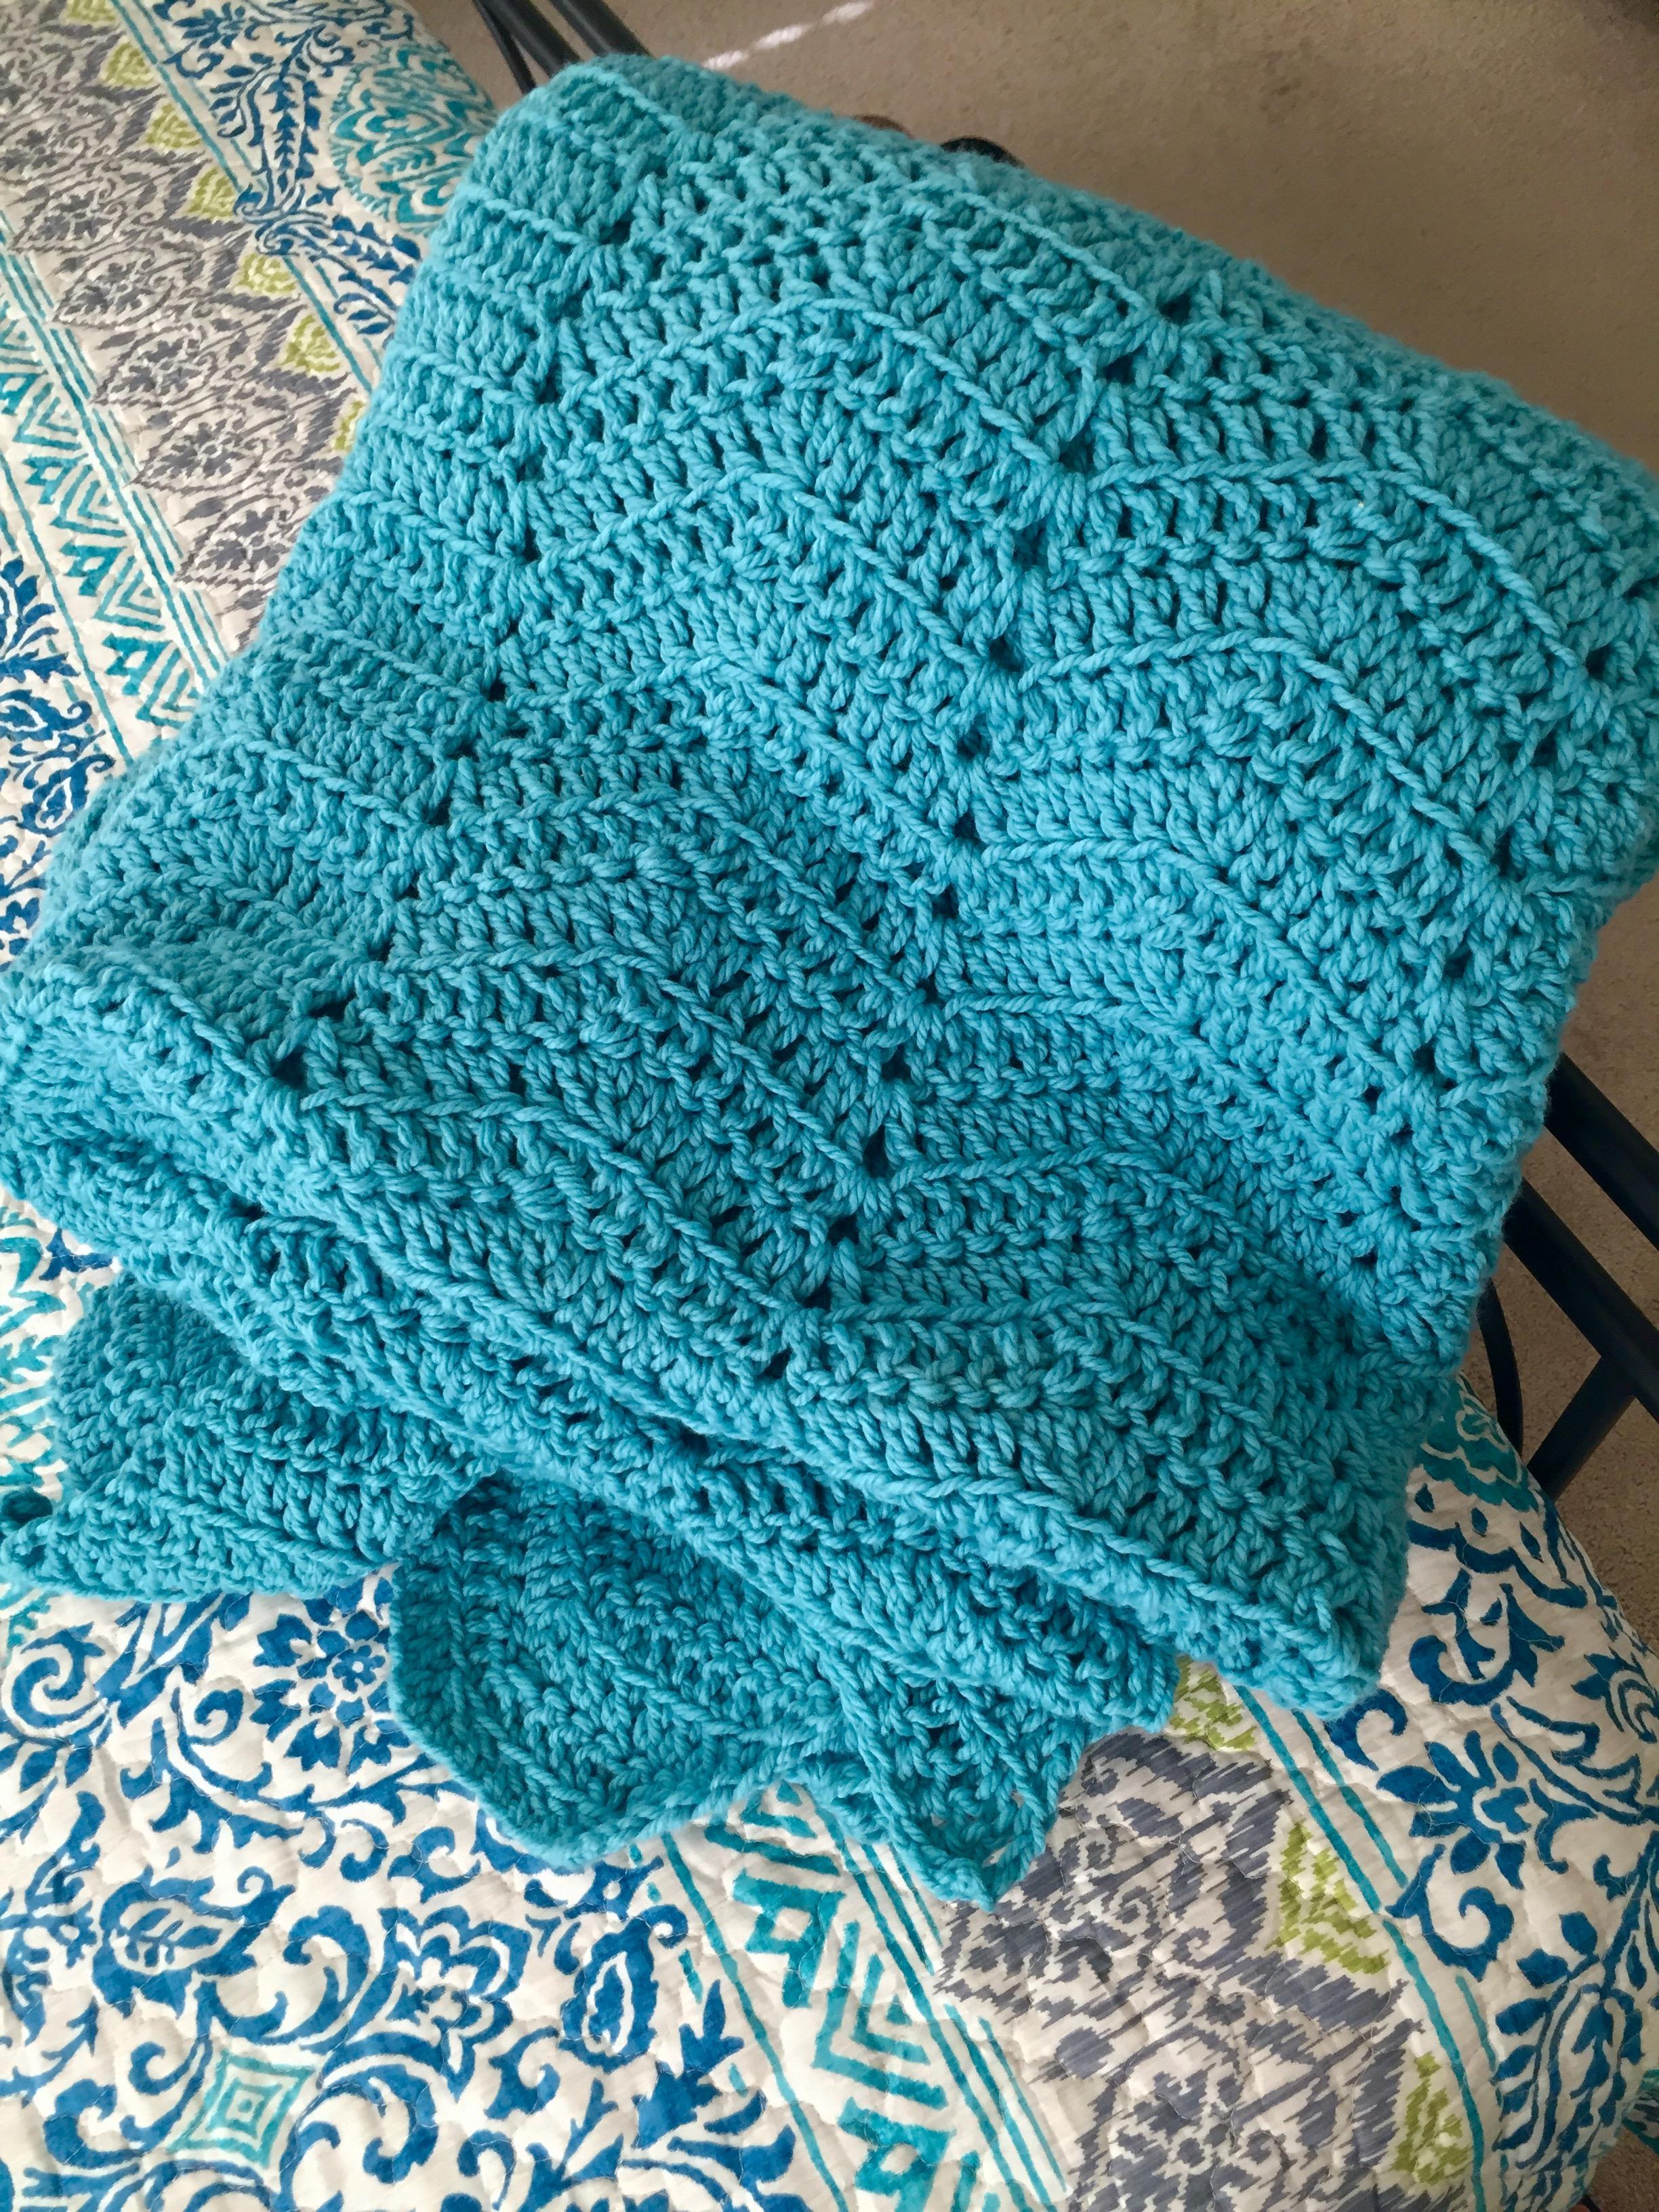 Cozy Comforts Blanket Crochet Pattern by Little Monkeys Design